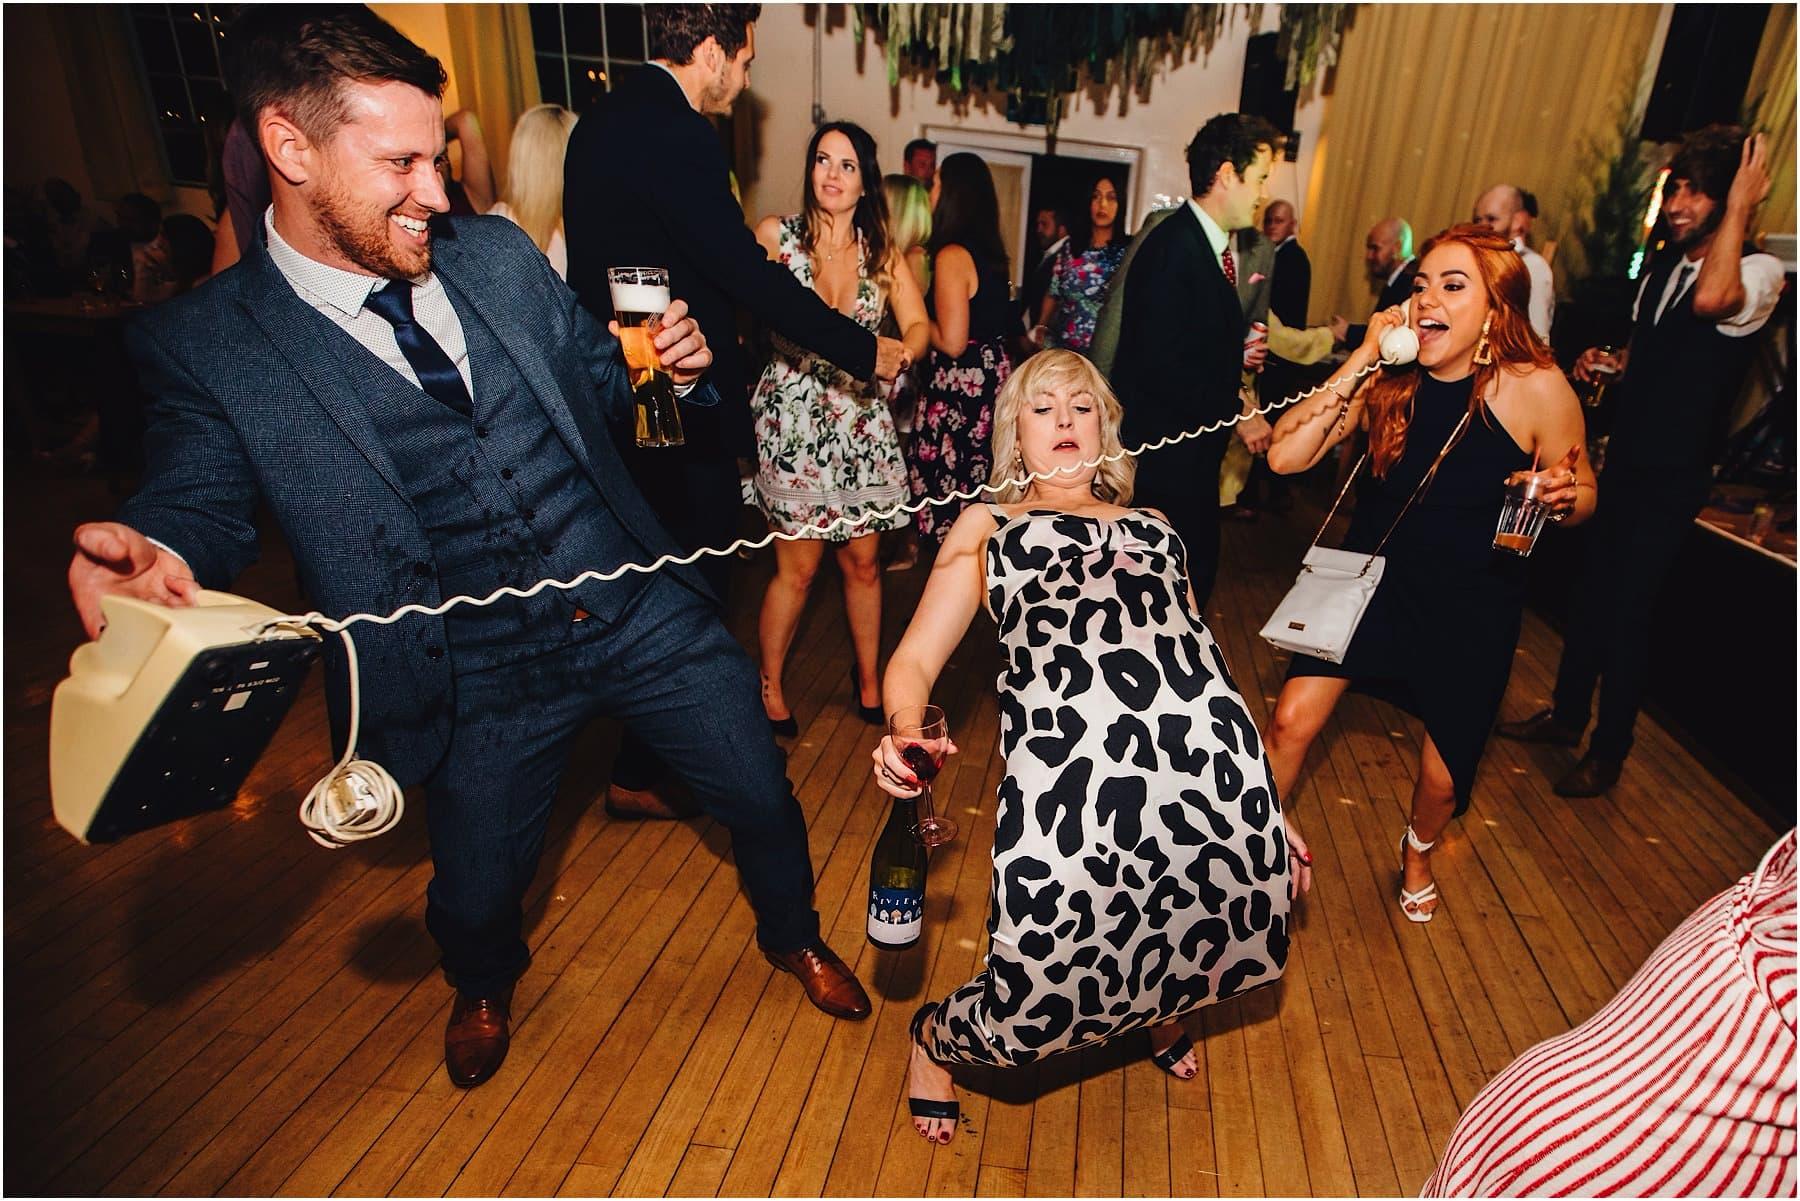 telephone call on the dance floor